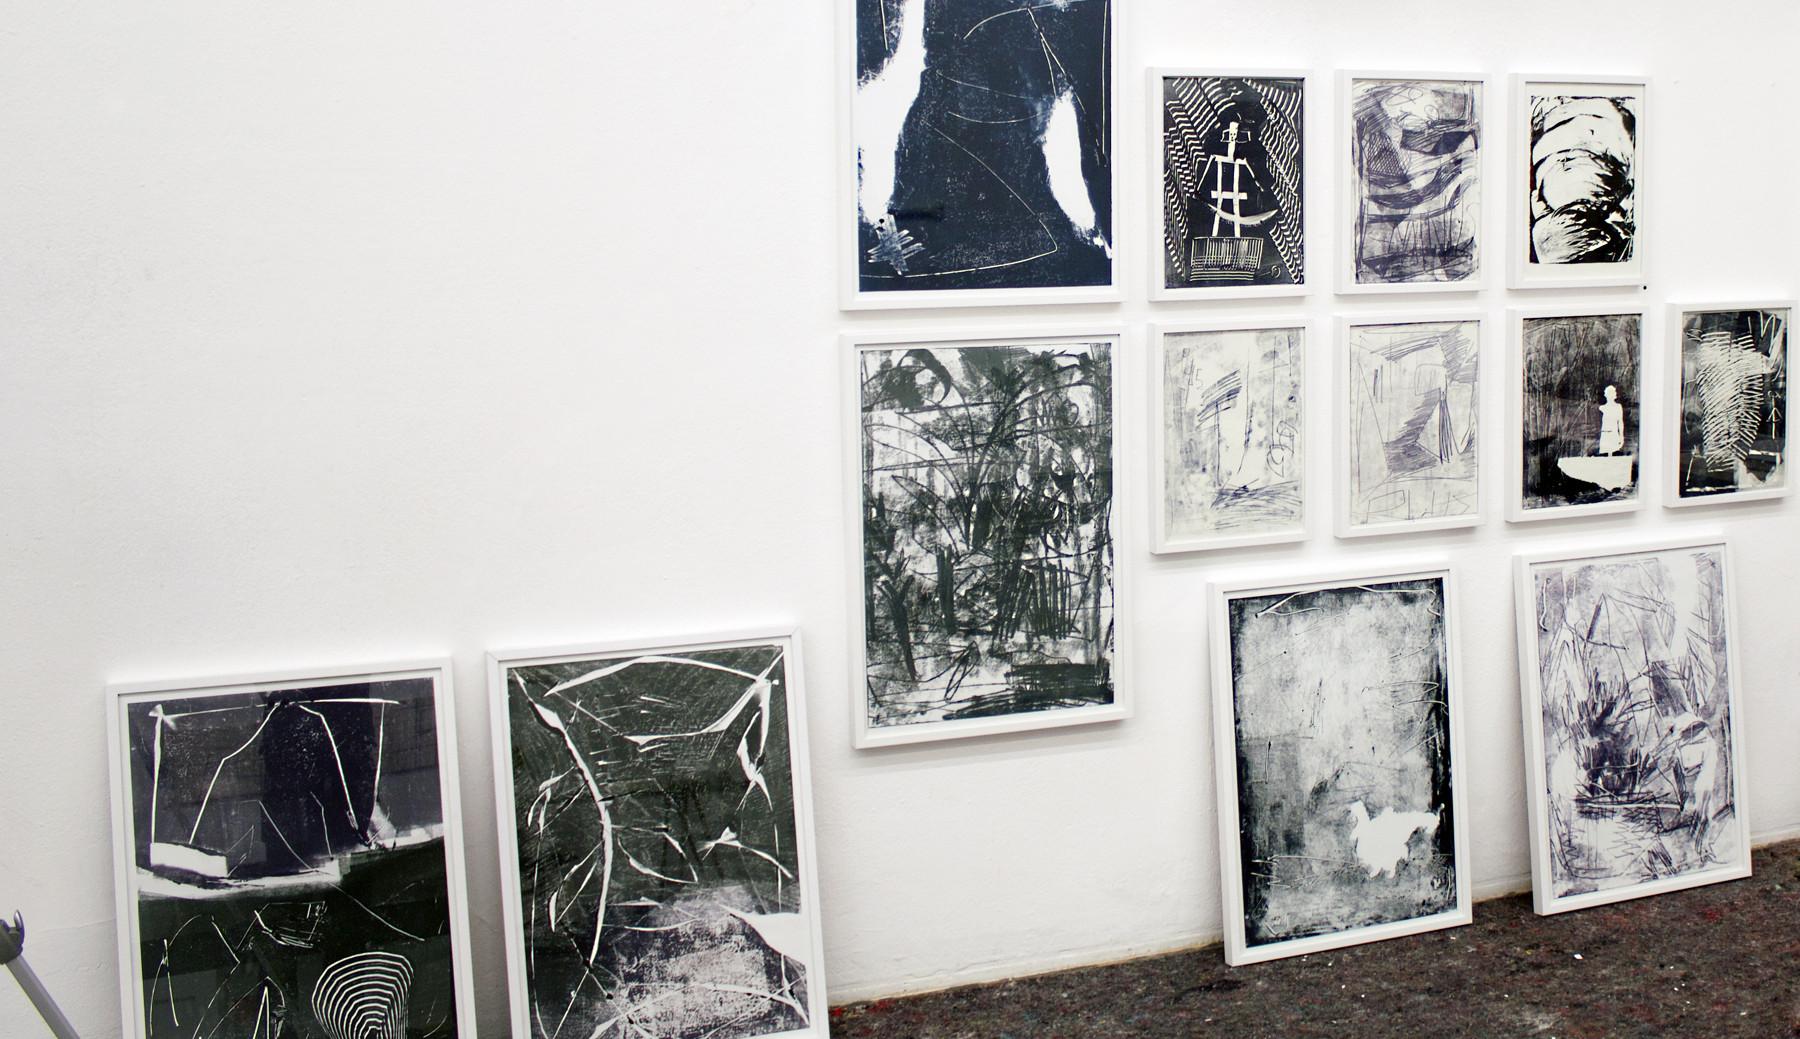 Exhibition View / Living-Studio 2019 / Jan Arnold Gallery, MQ Vienna / 2019, Vienna